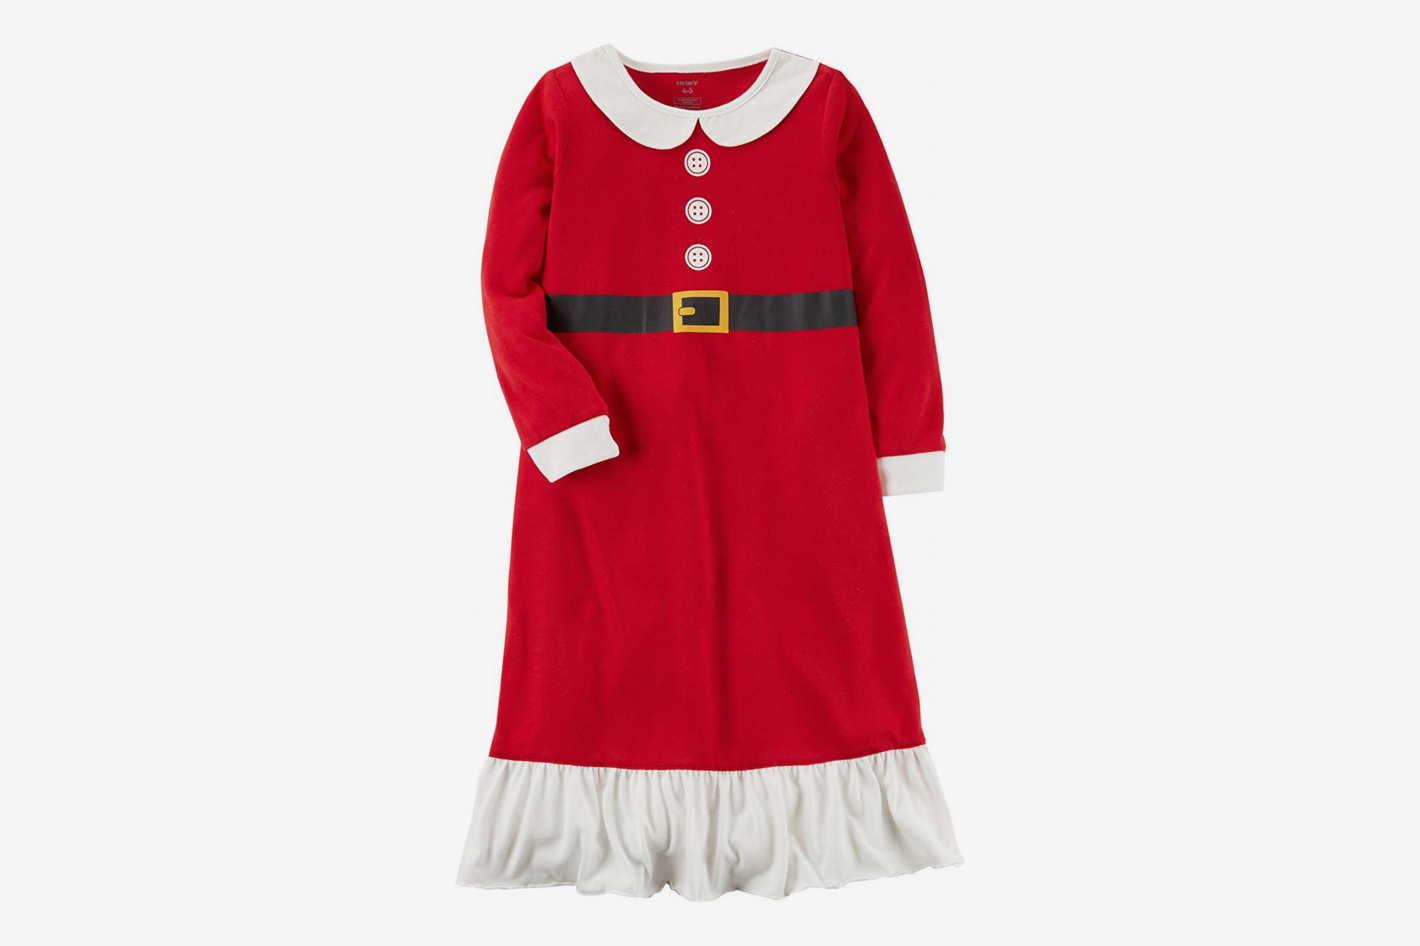 8d7b390f8 18 Best Christmas Pajamas 2018